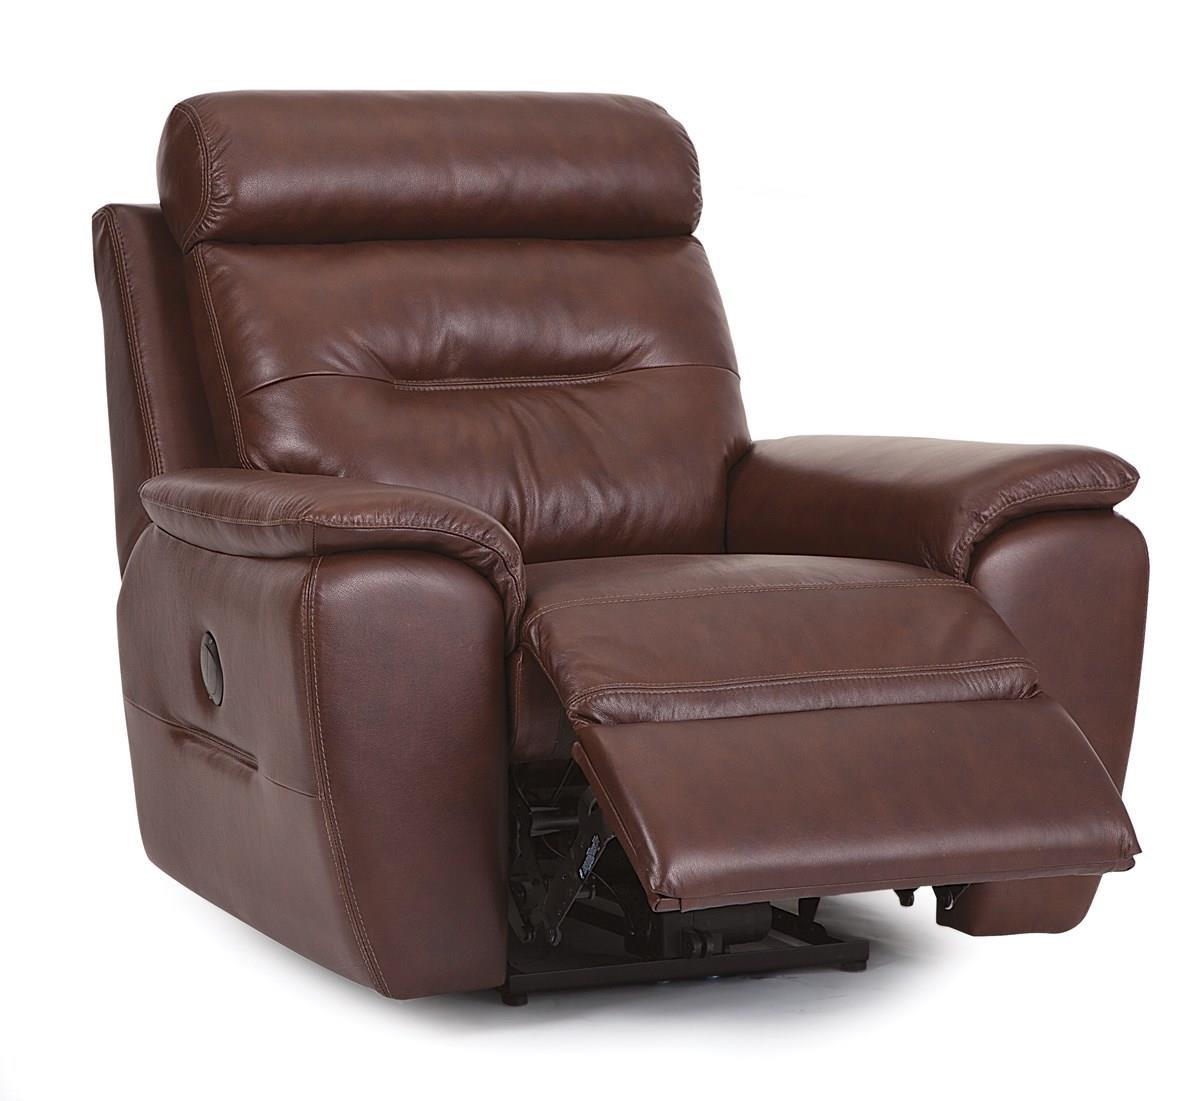 Arlington Wallhugger Power Recliner Chair by Palliser at Furniture and ApplianceMart